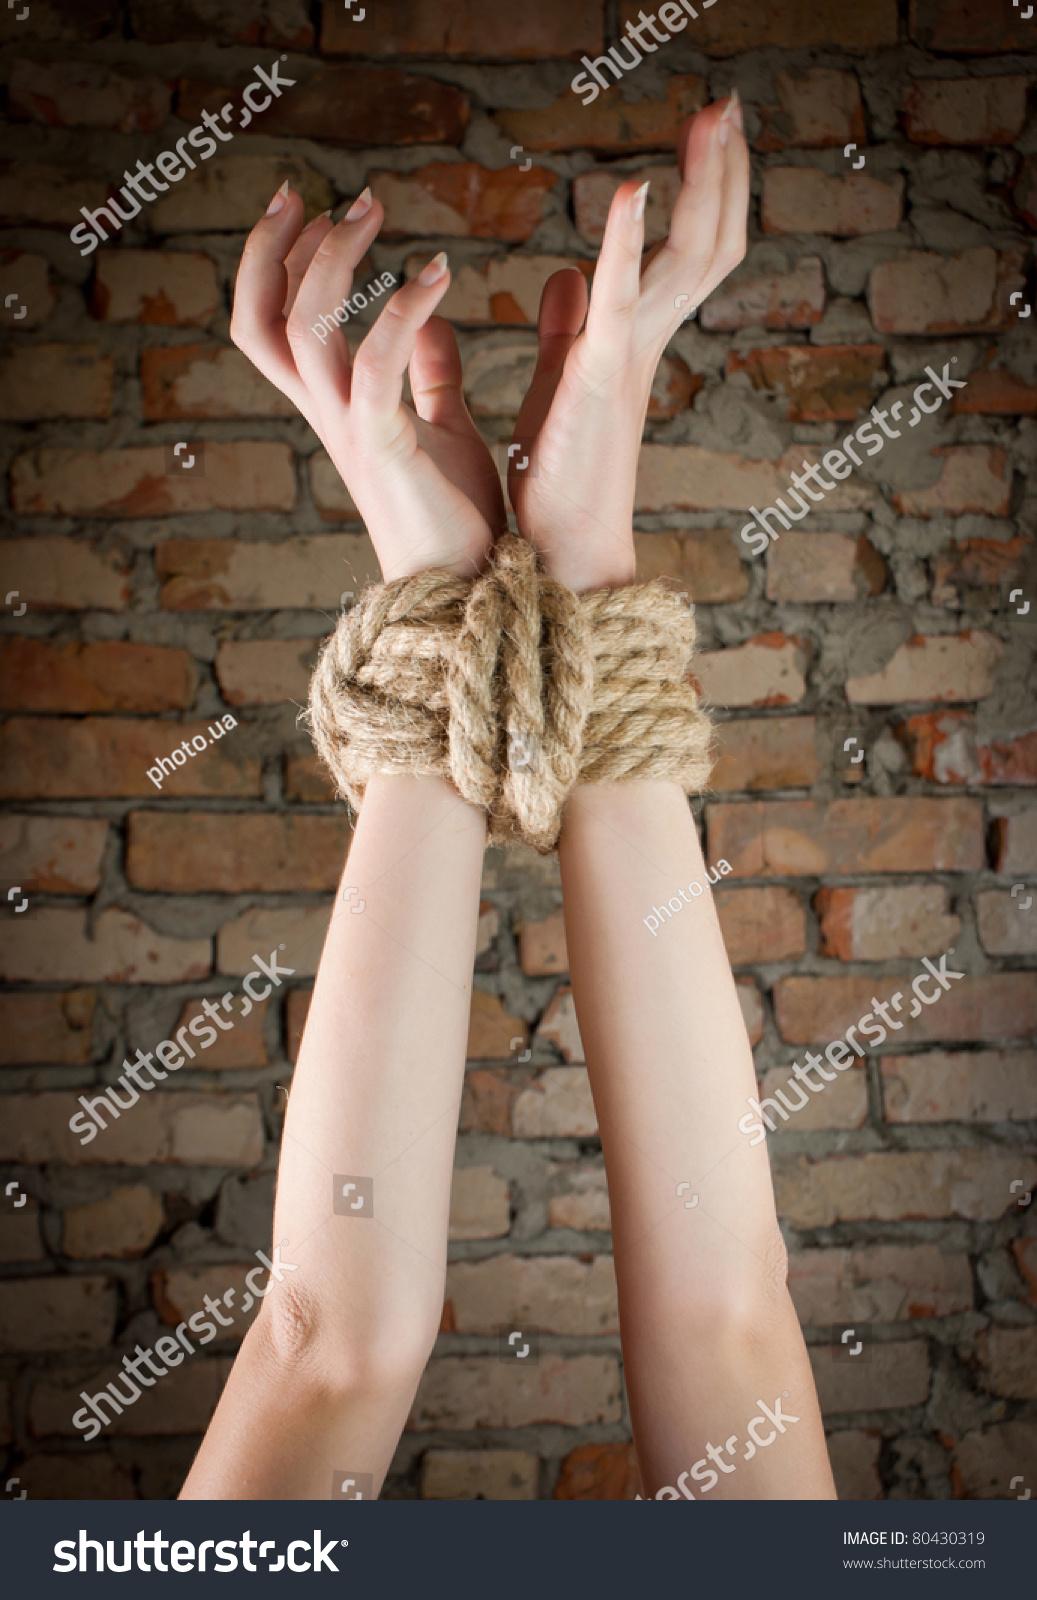 Связать веревкой женщину 10 фотография